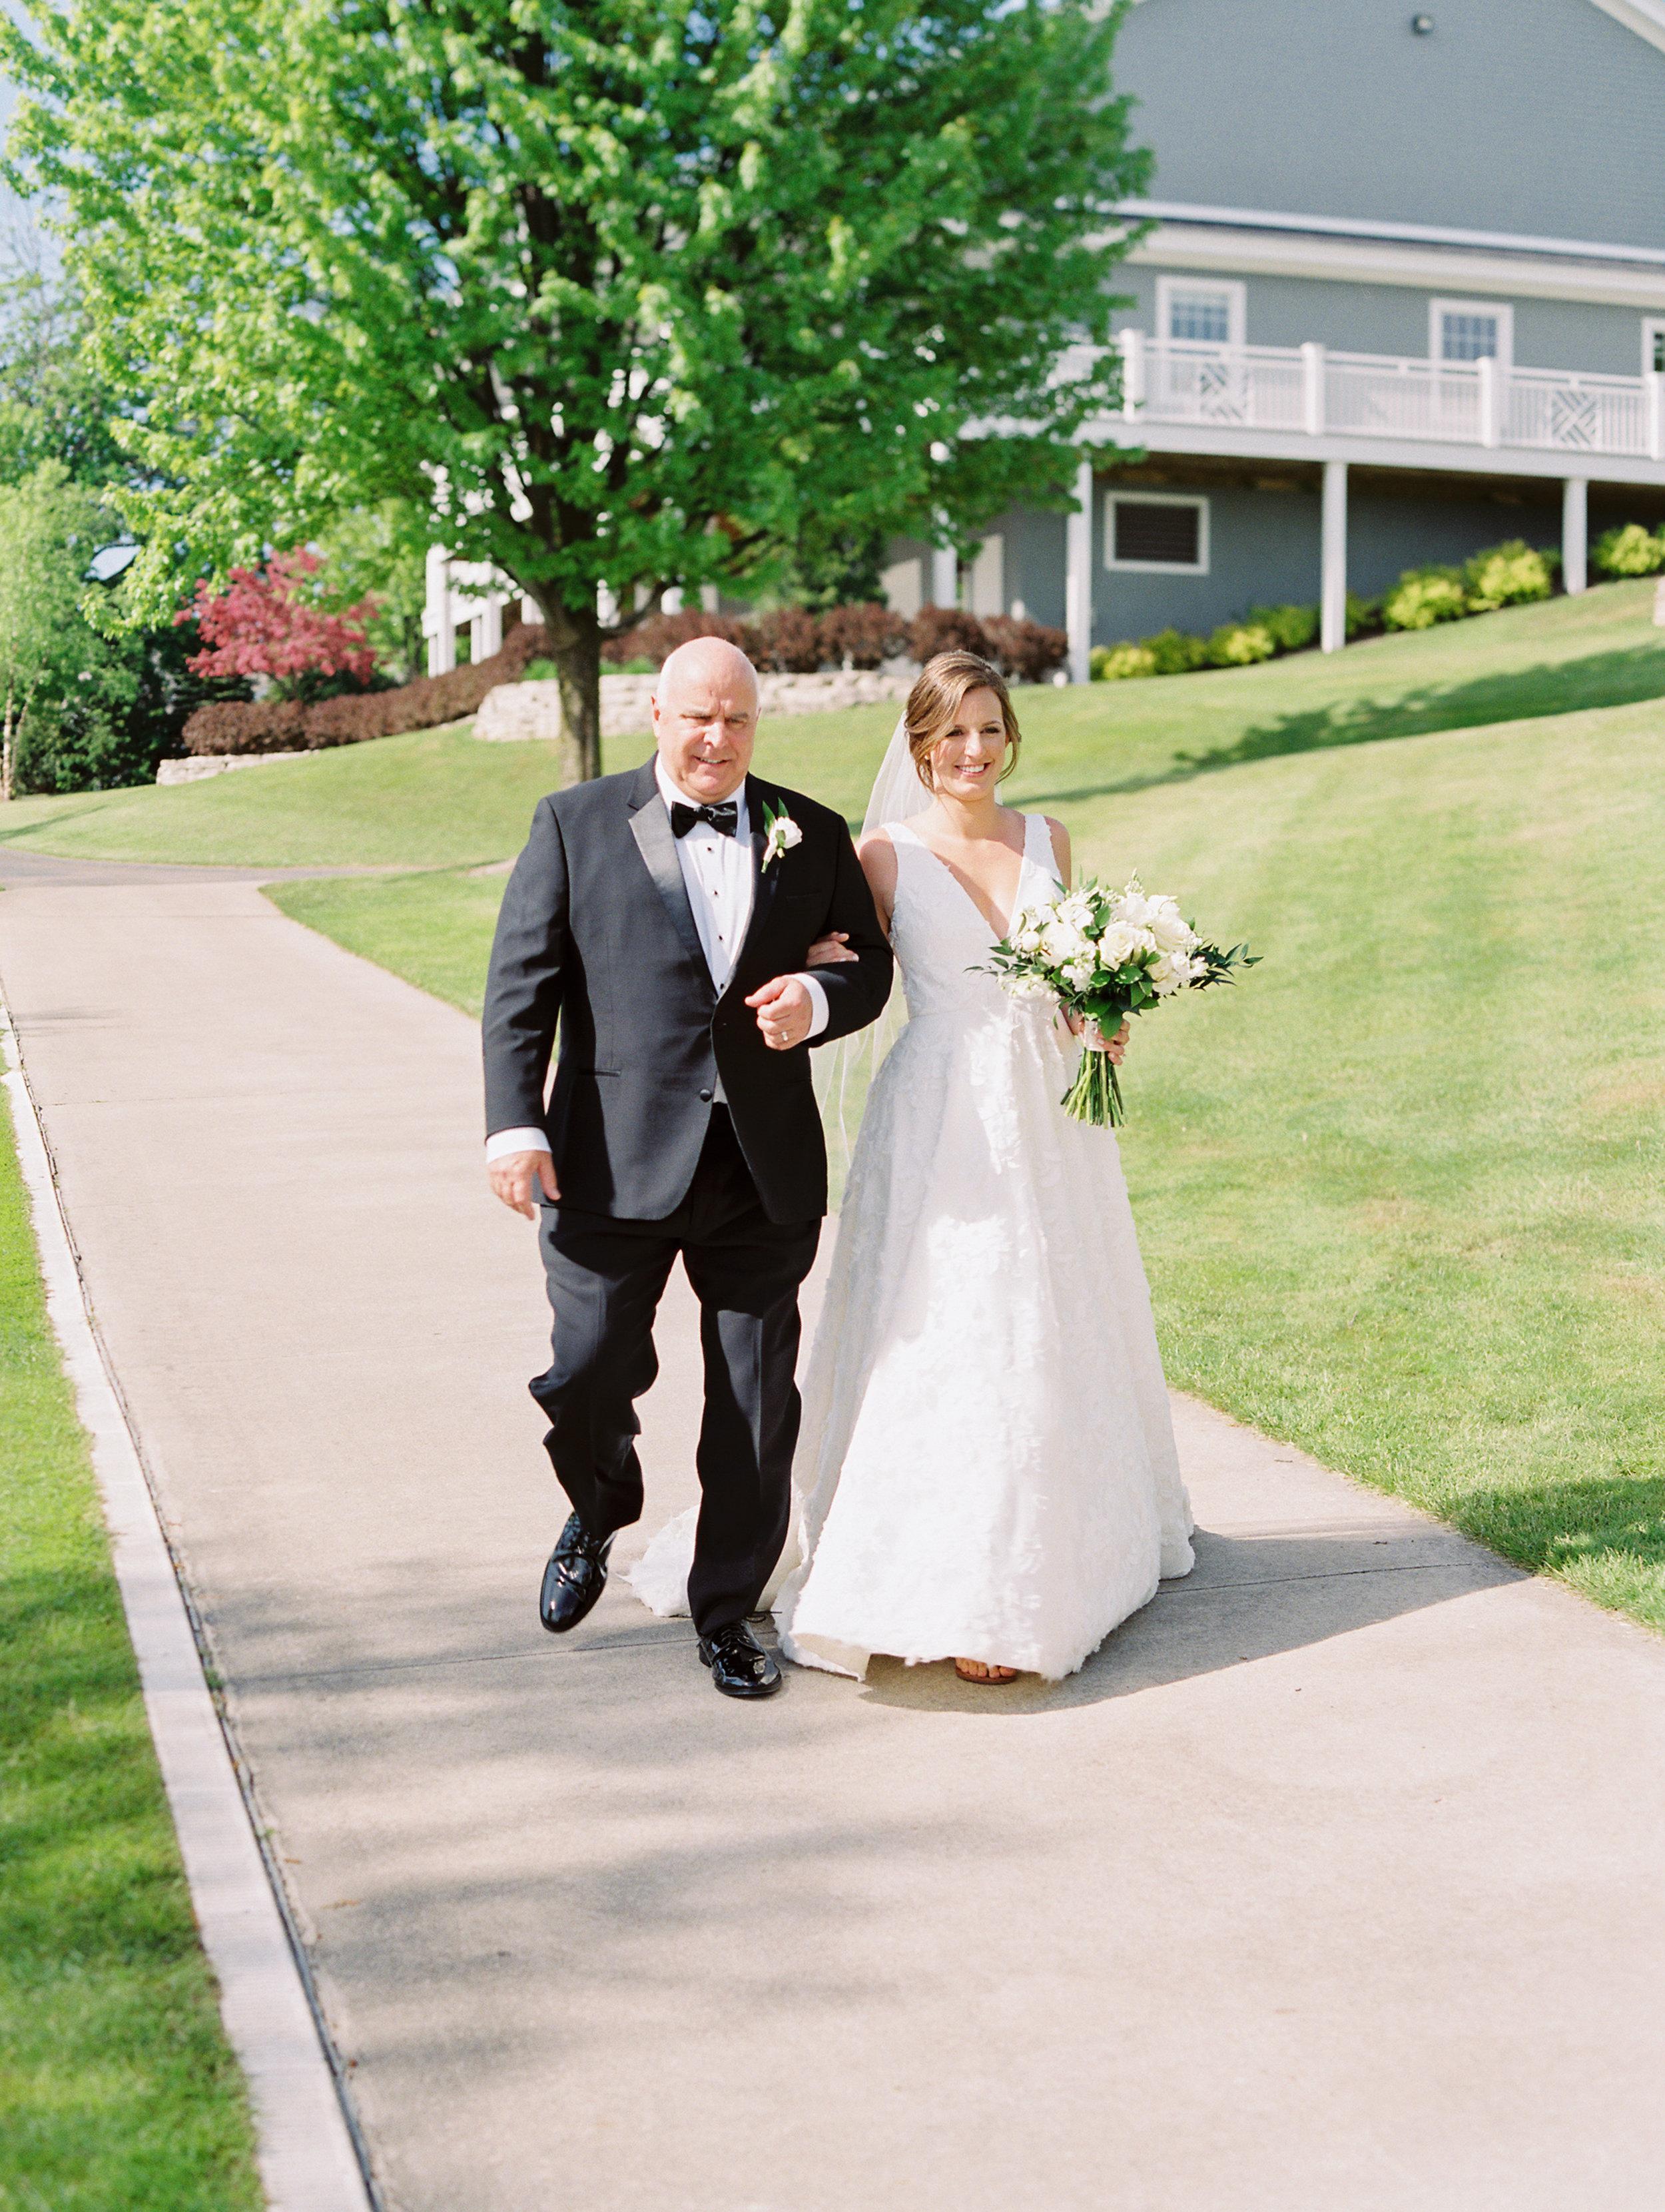 DeGuilio+Wedding+Ceremonyf-9.jpg